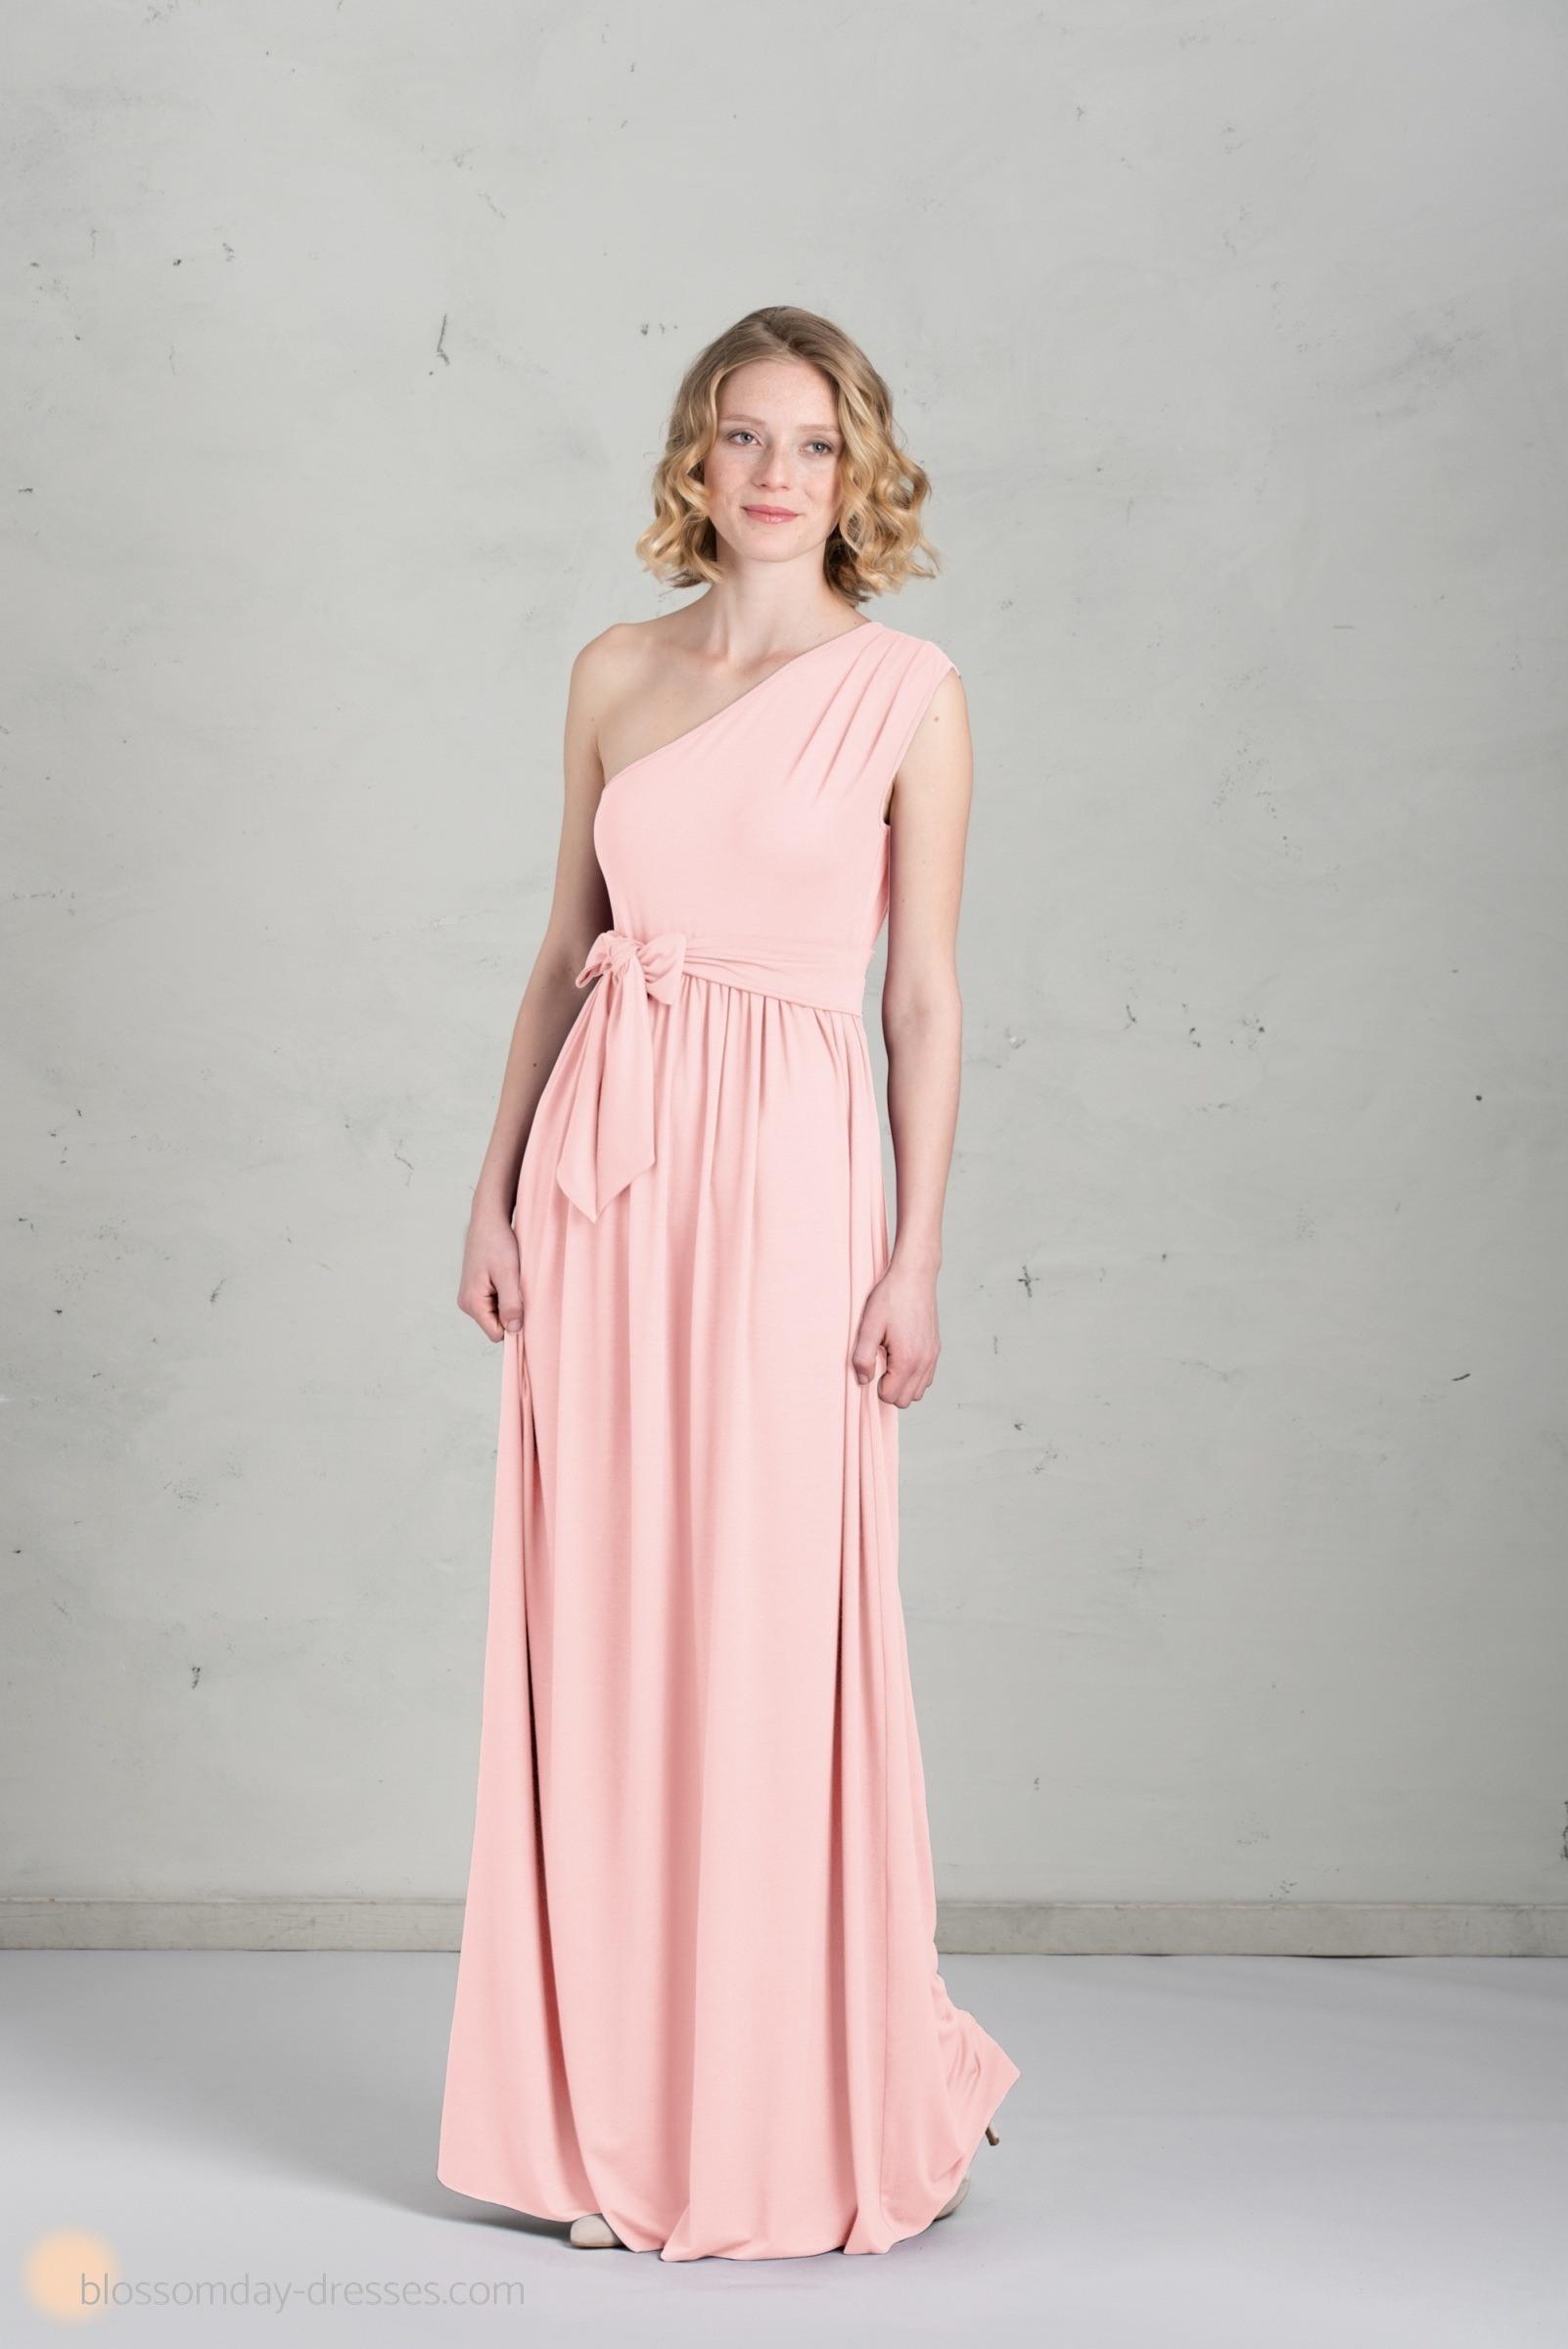 17 Wunderbar Kleid Lang Altrosa Galerie  Abendkleid